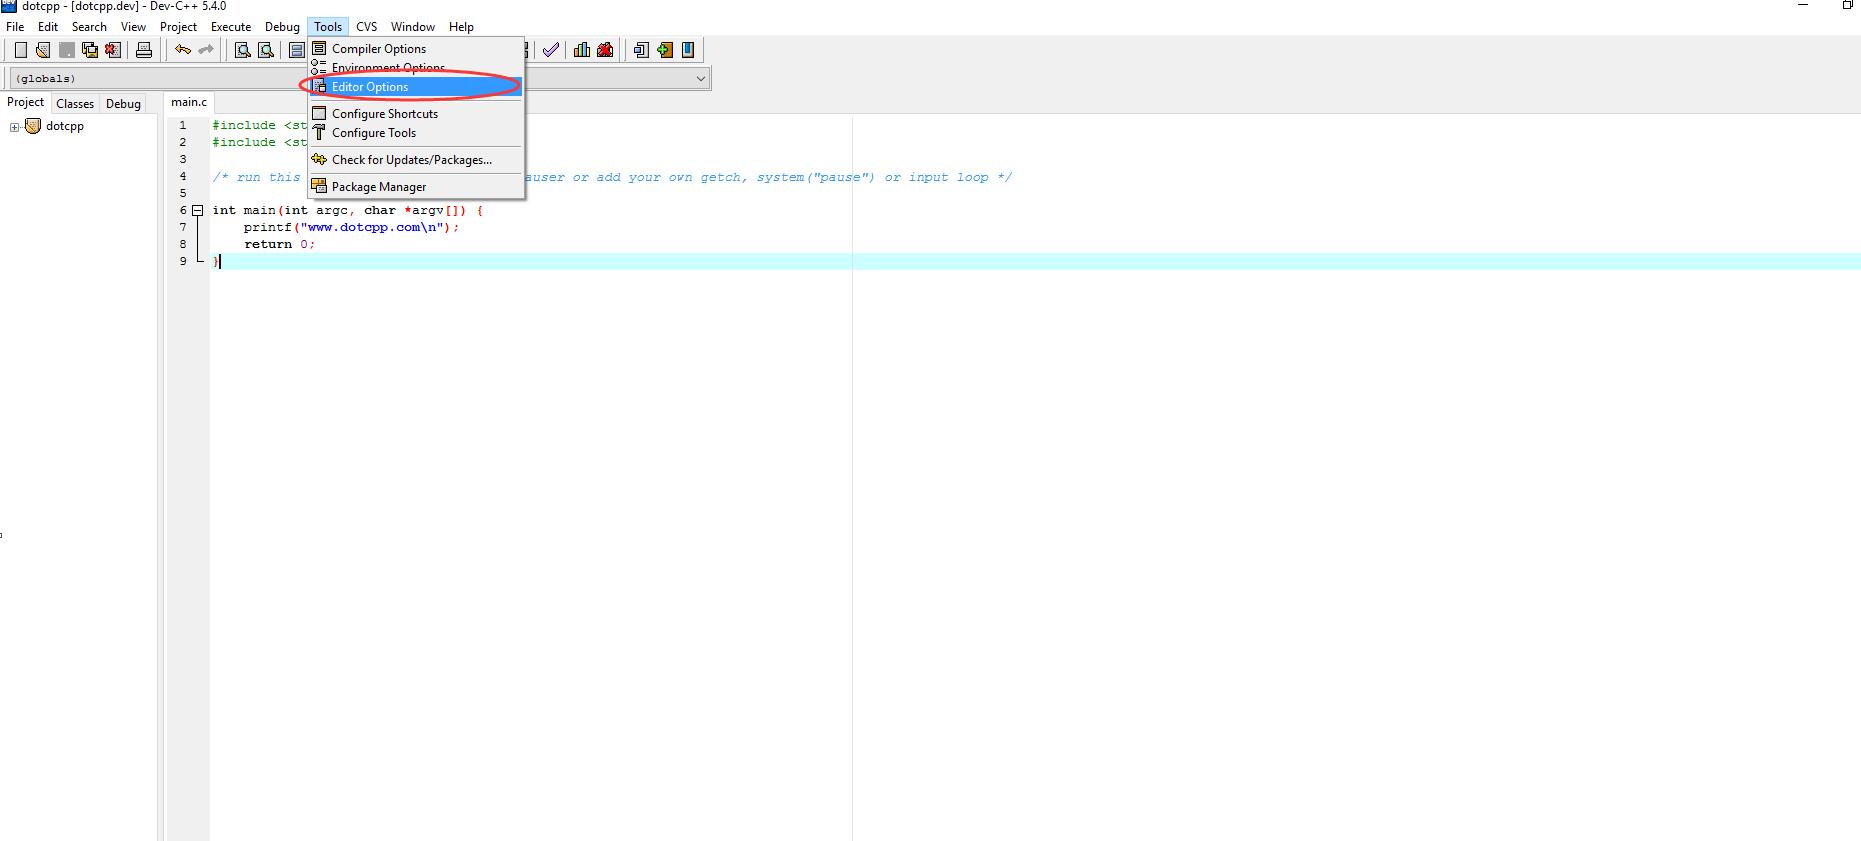 Dev-Cpp使用入门教程